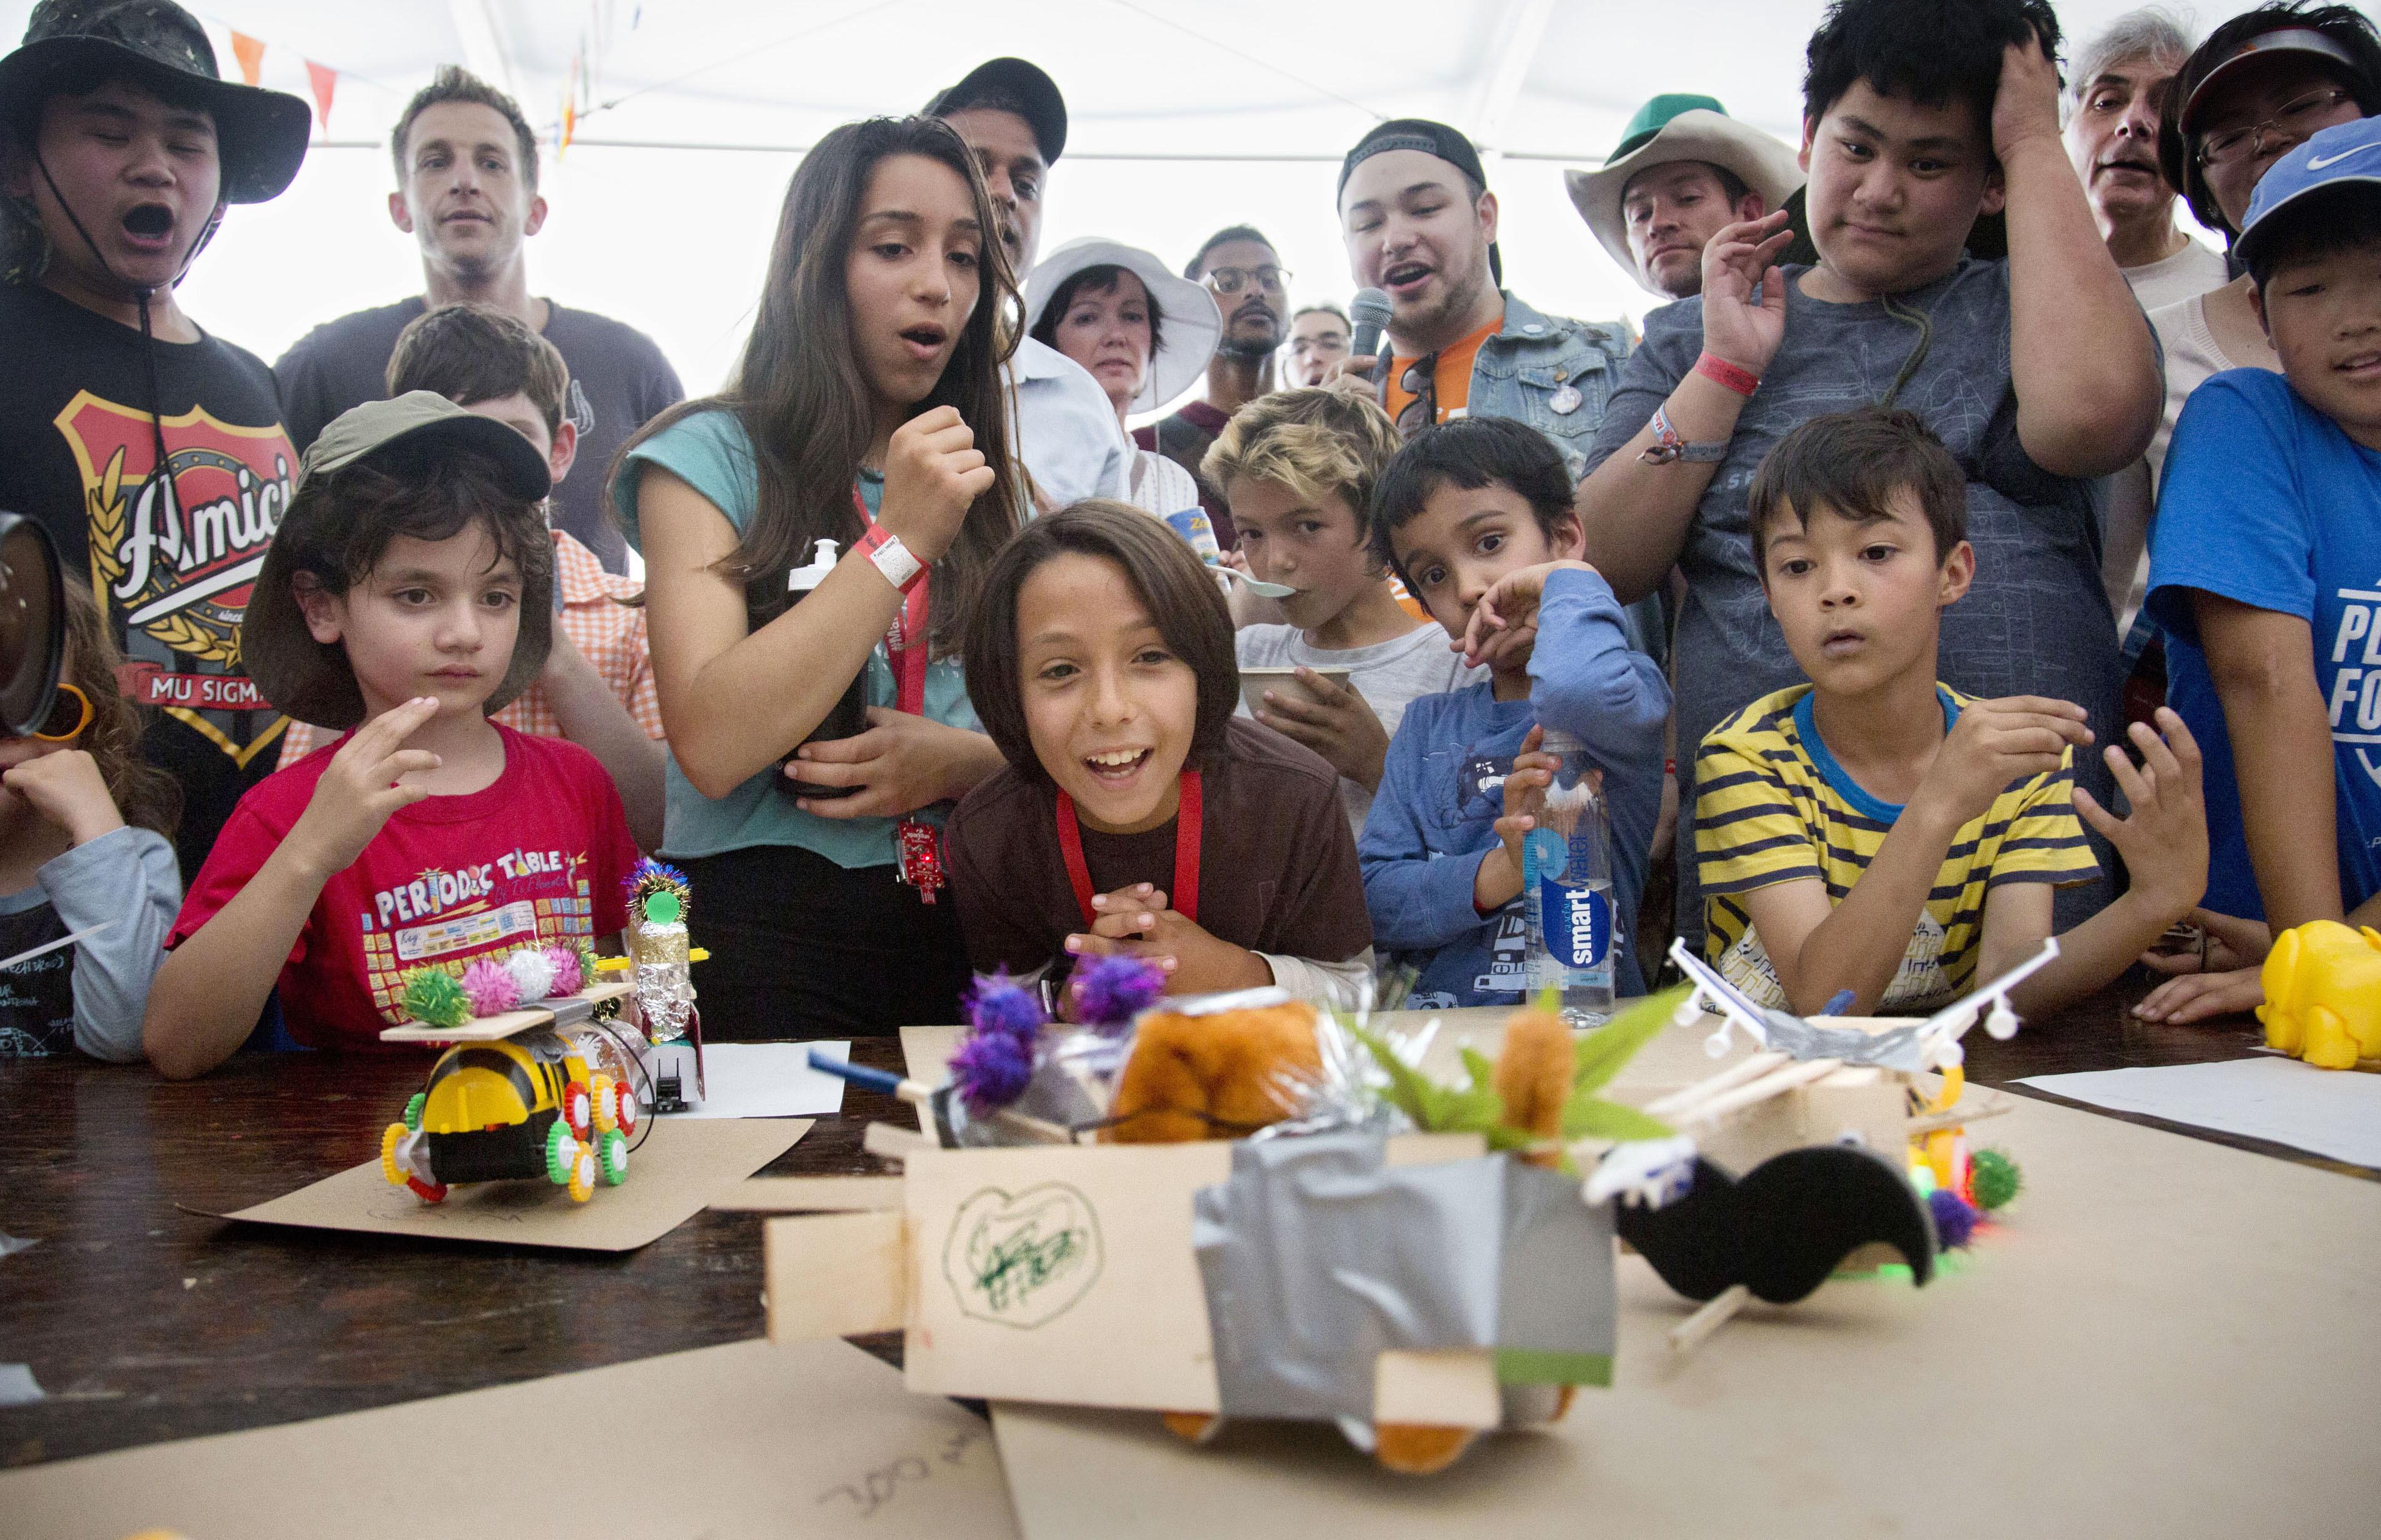 ヘボコンの試合に盛り上がる子どもたち。自分の作品が活躍できるか、表情は真剣そのもの=米カリフォルニア州サンマテオ(撮影・高橋邦典、共同)